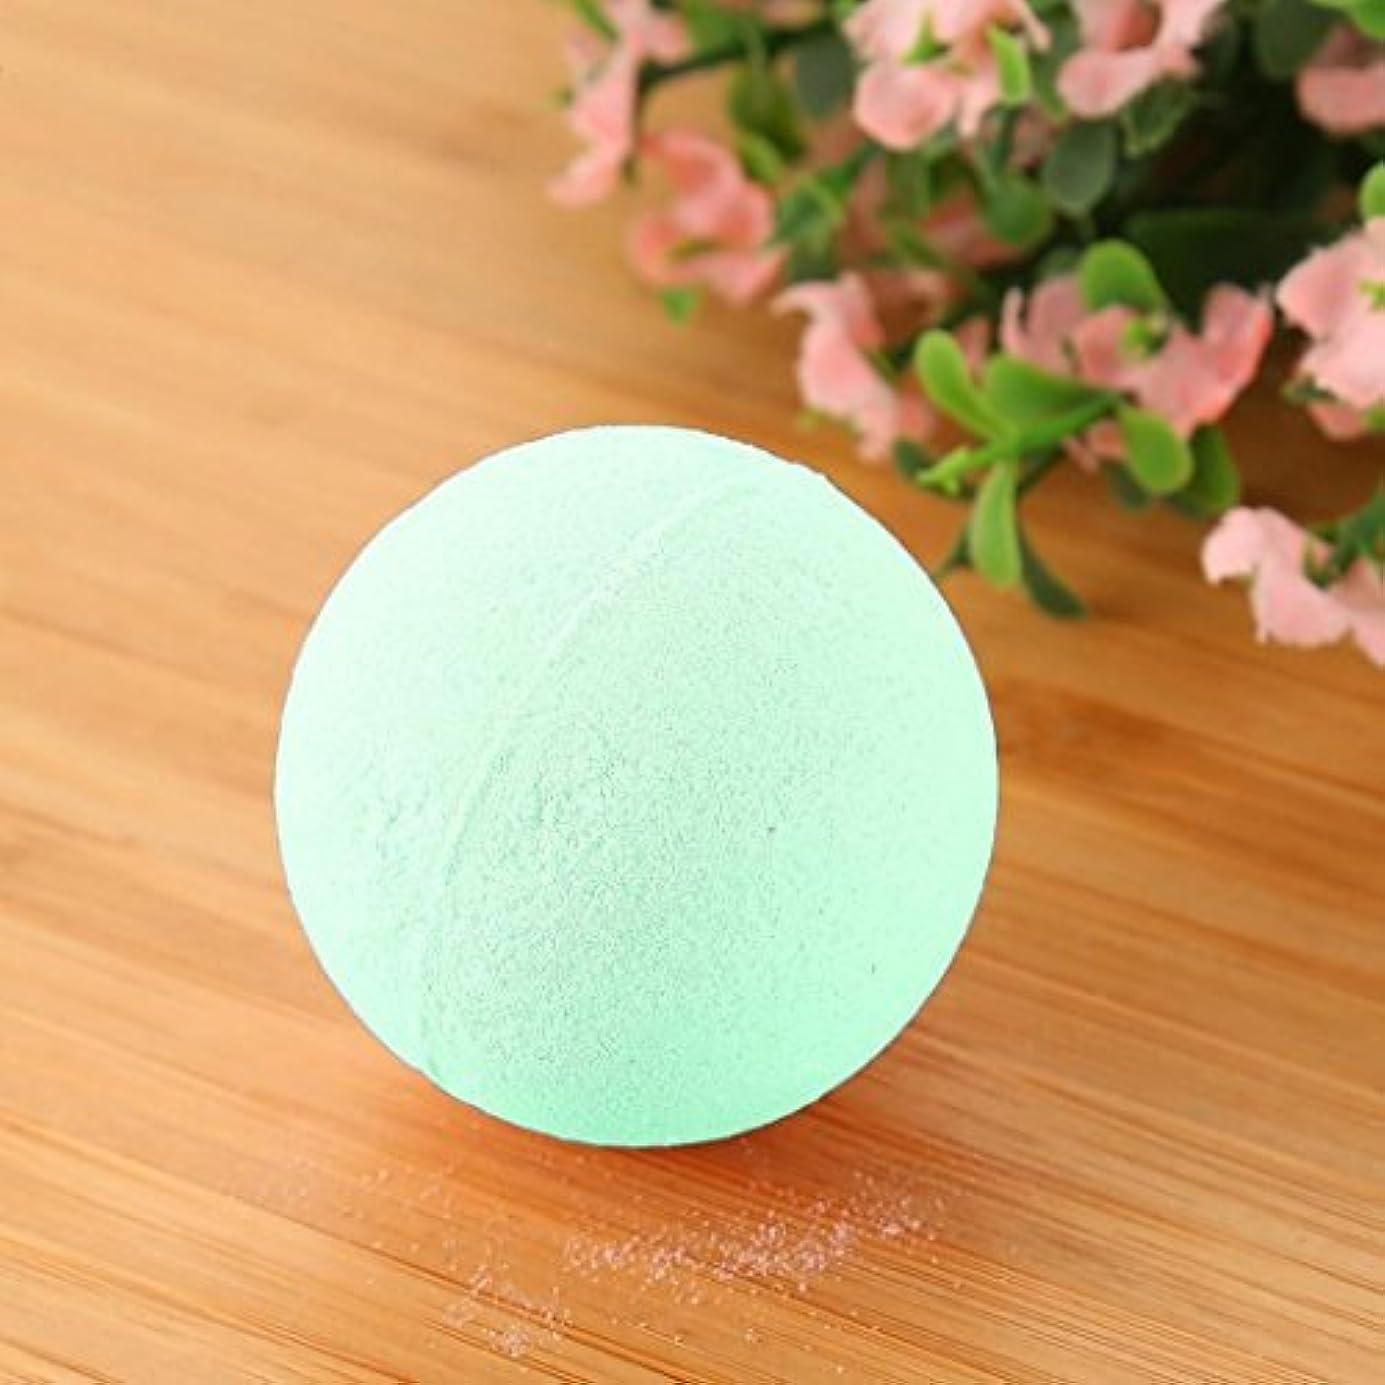 食器棚コピー安西バブル塩風呂の贈り物のためにボールをリラックスした女性の塩